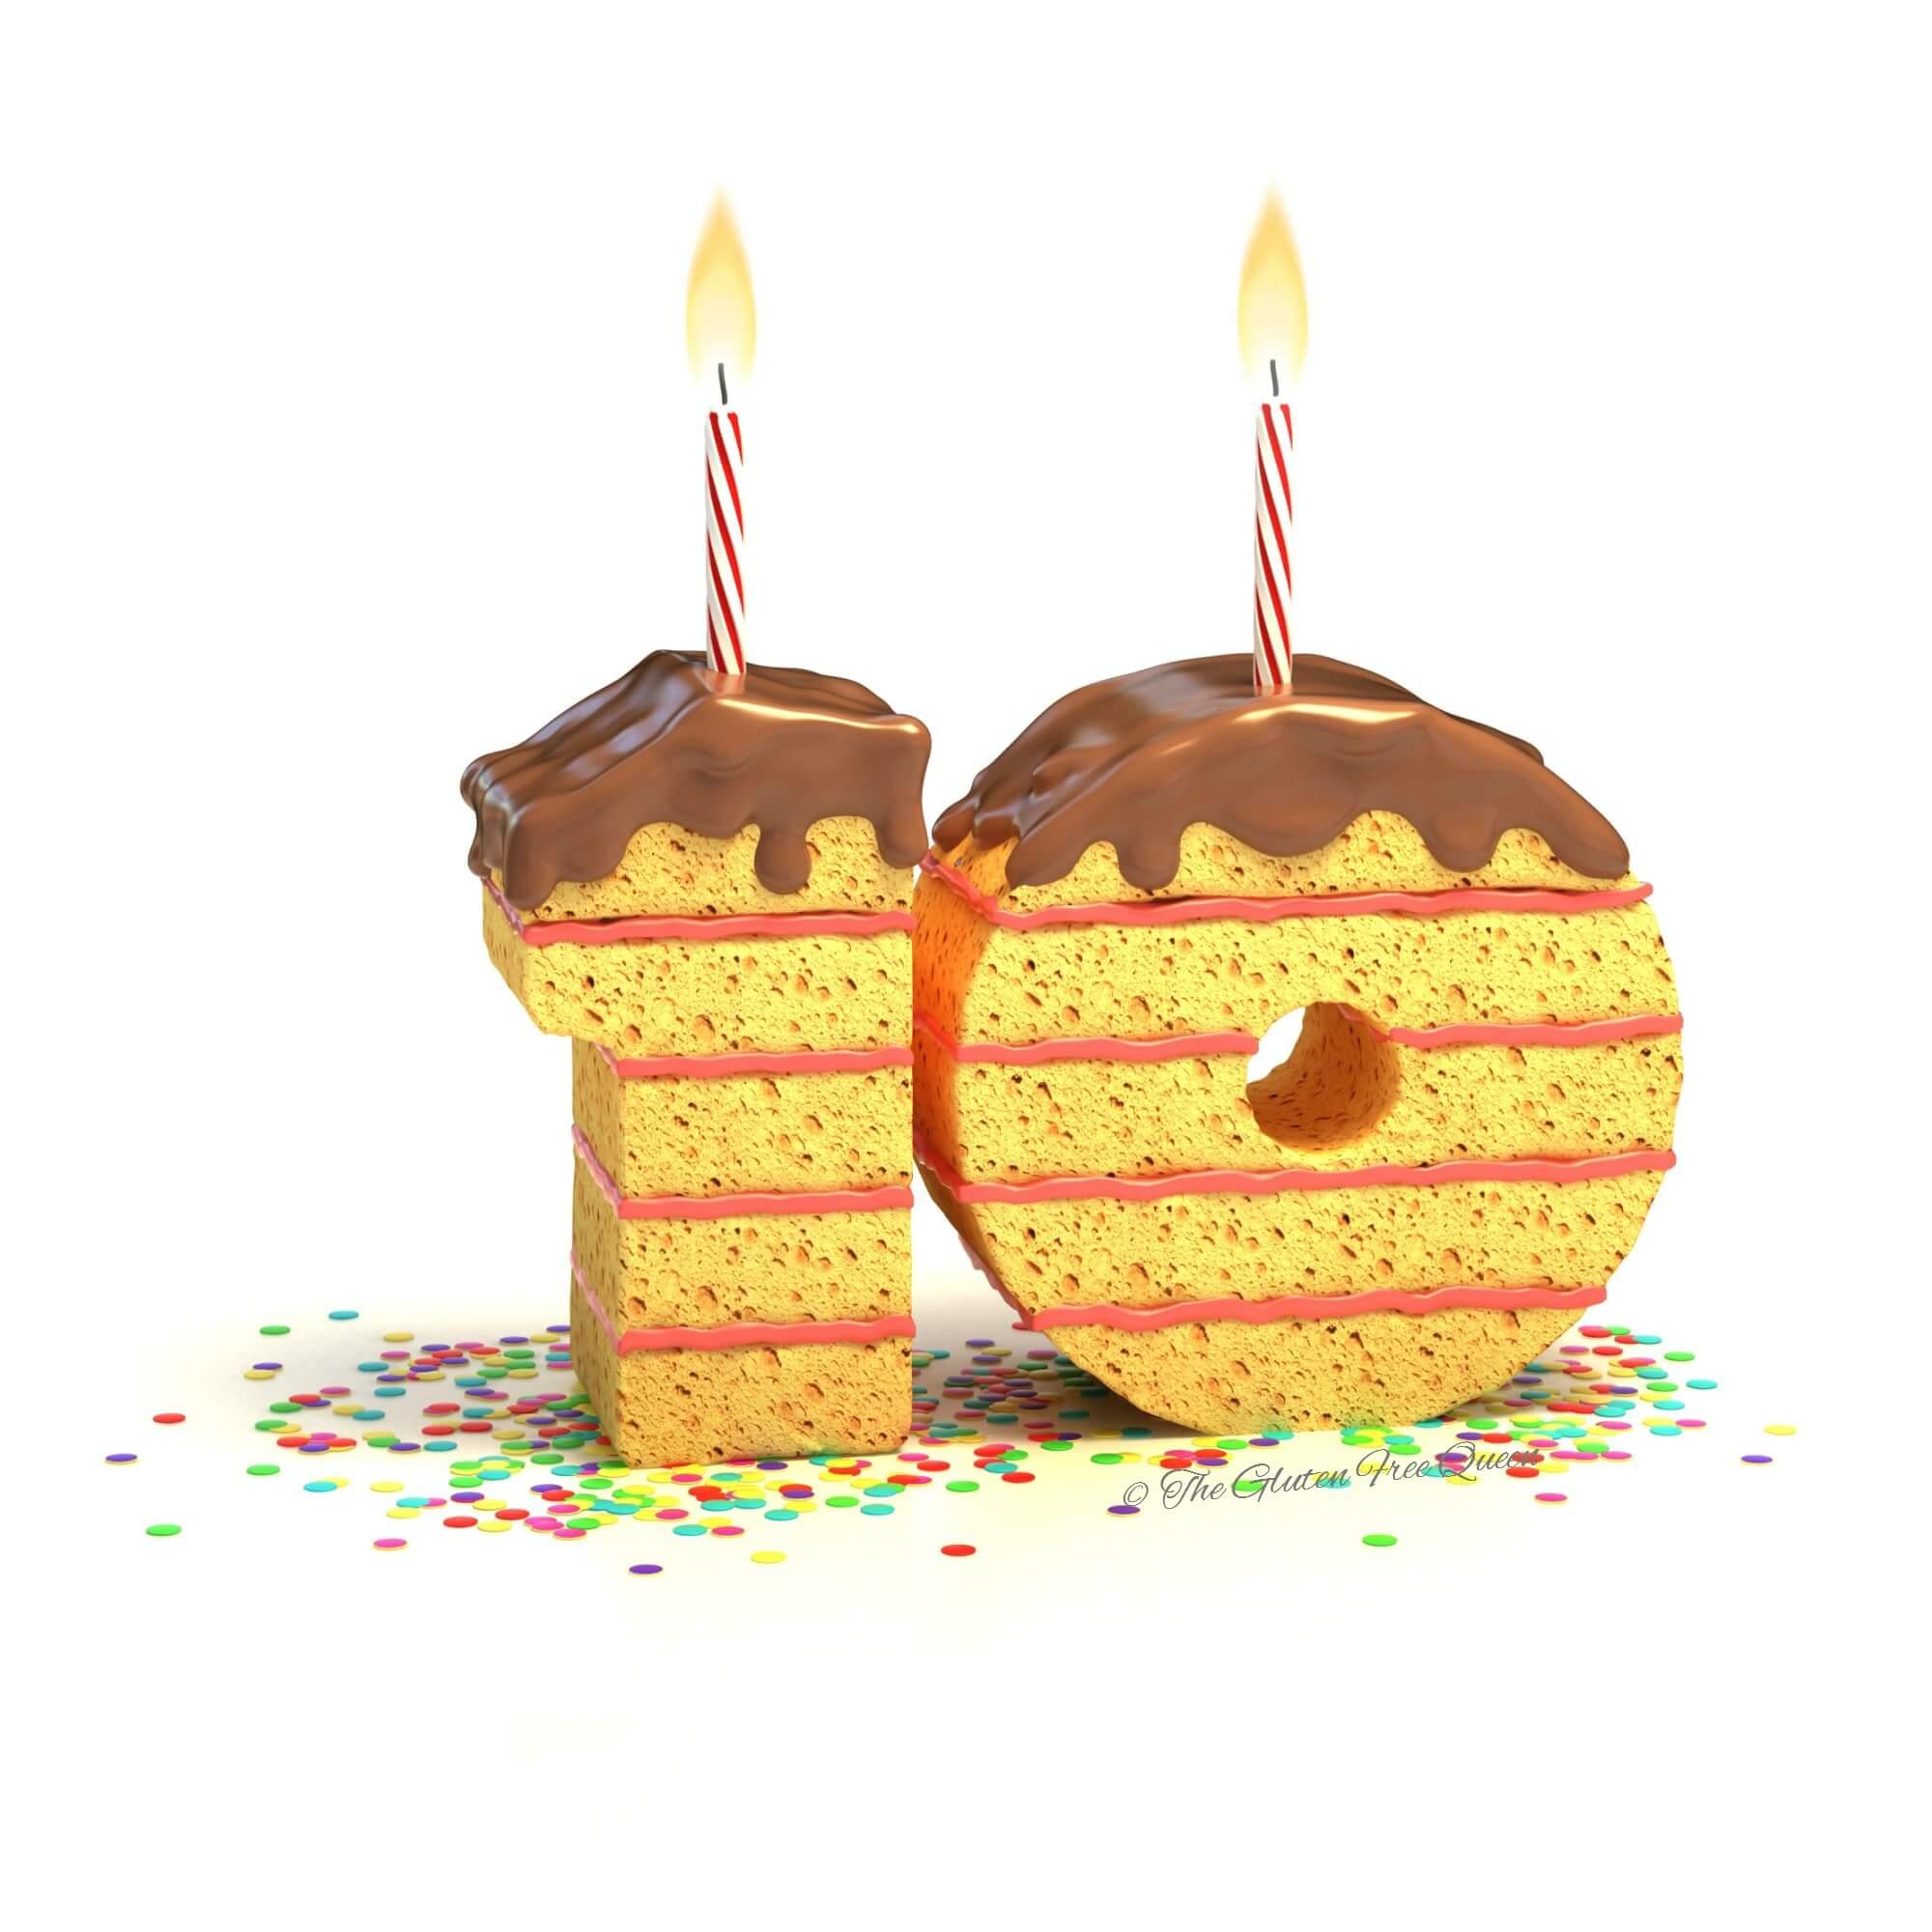 10 years gluten free